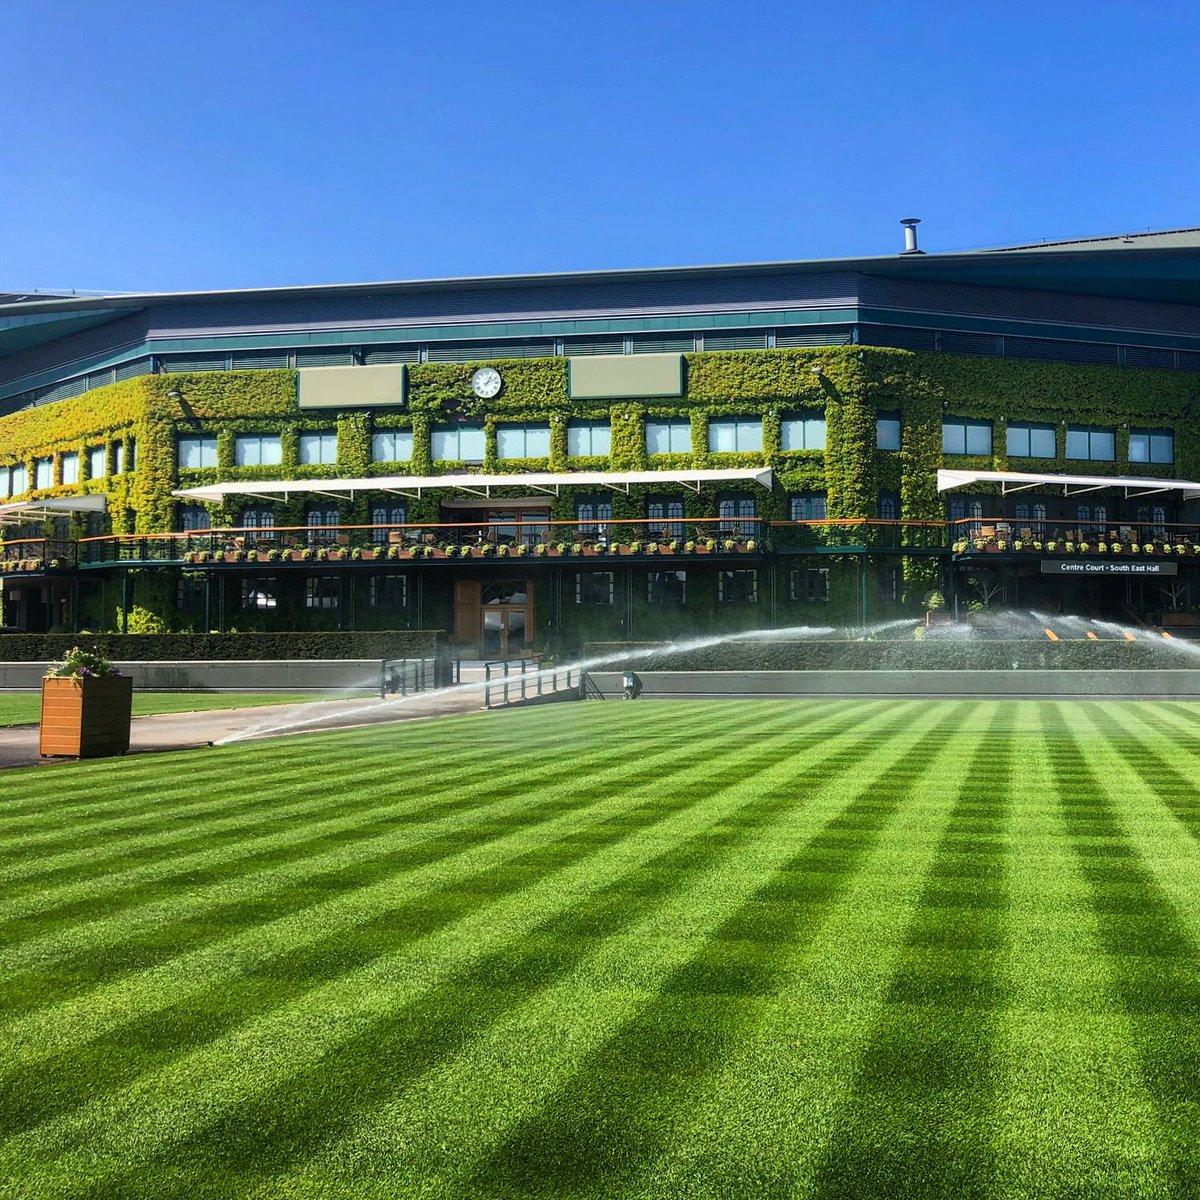 Still green and pleasant 💚 #Wimbledon